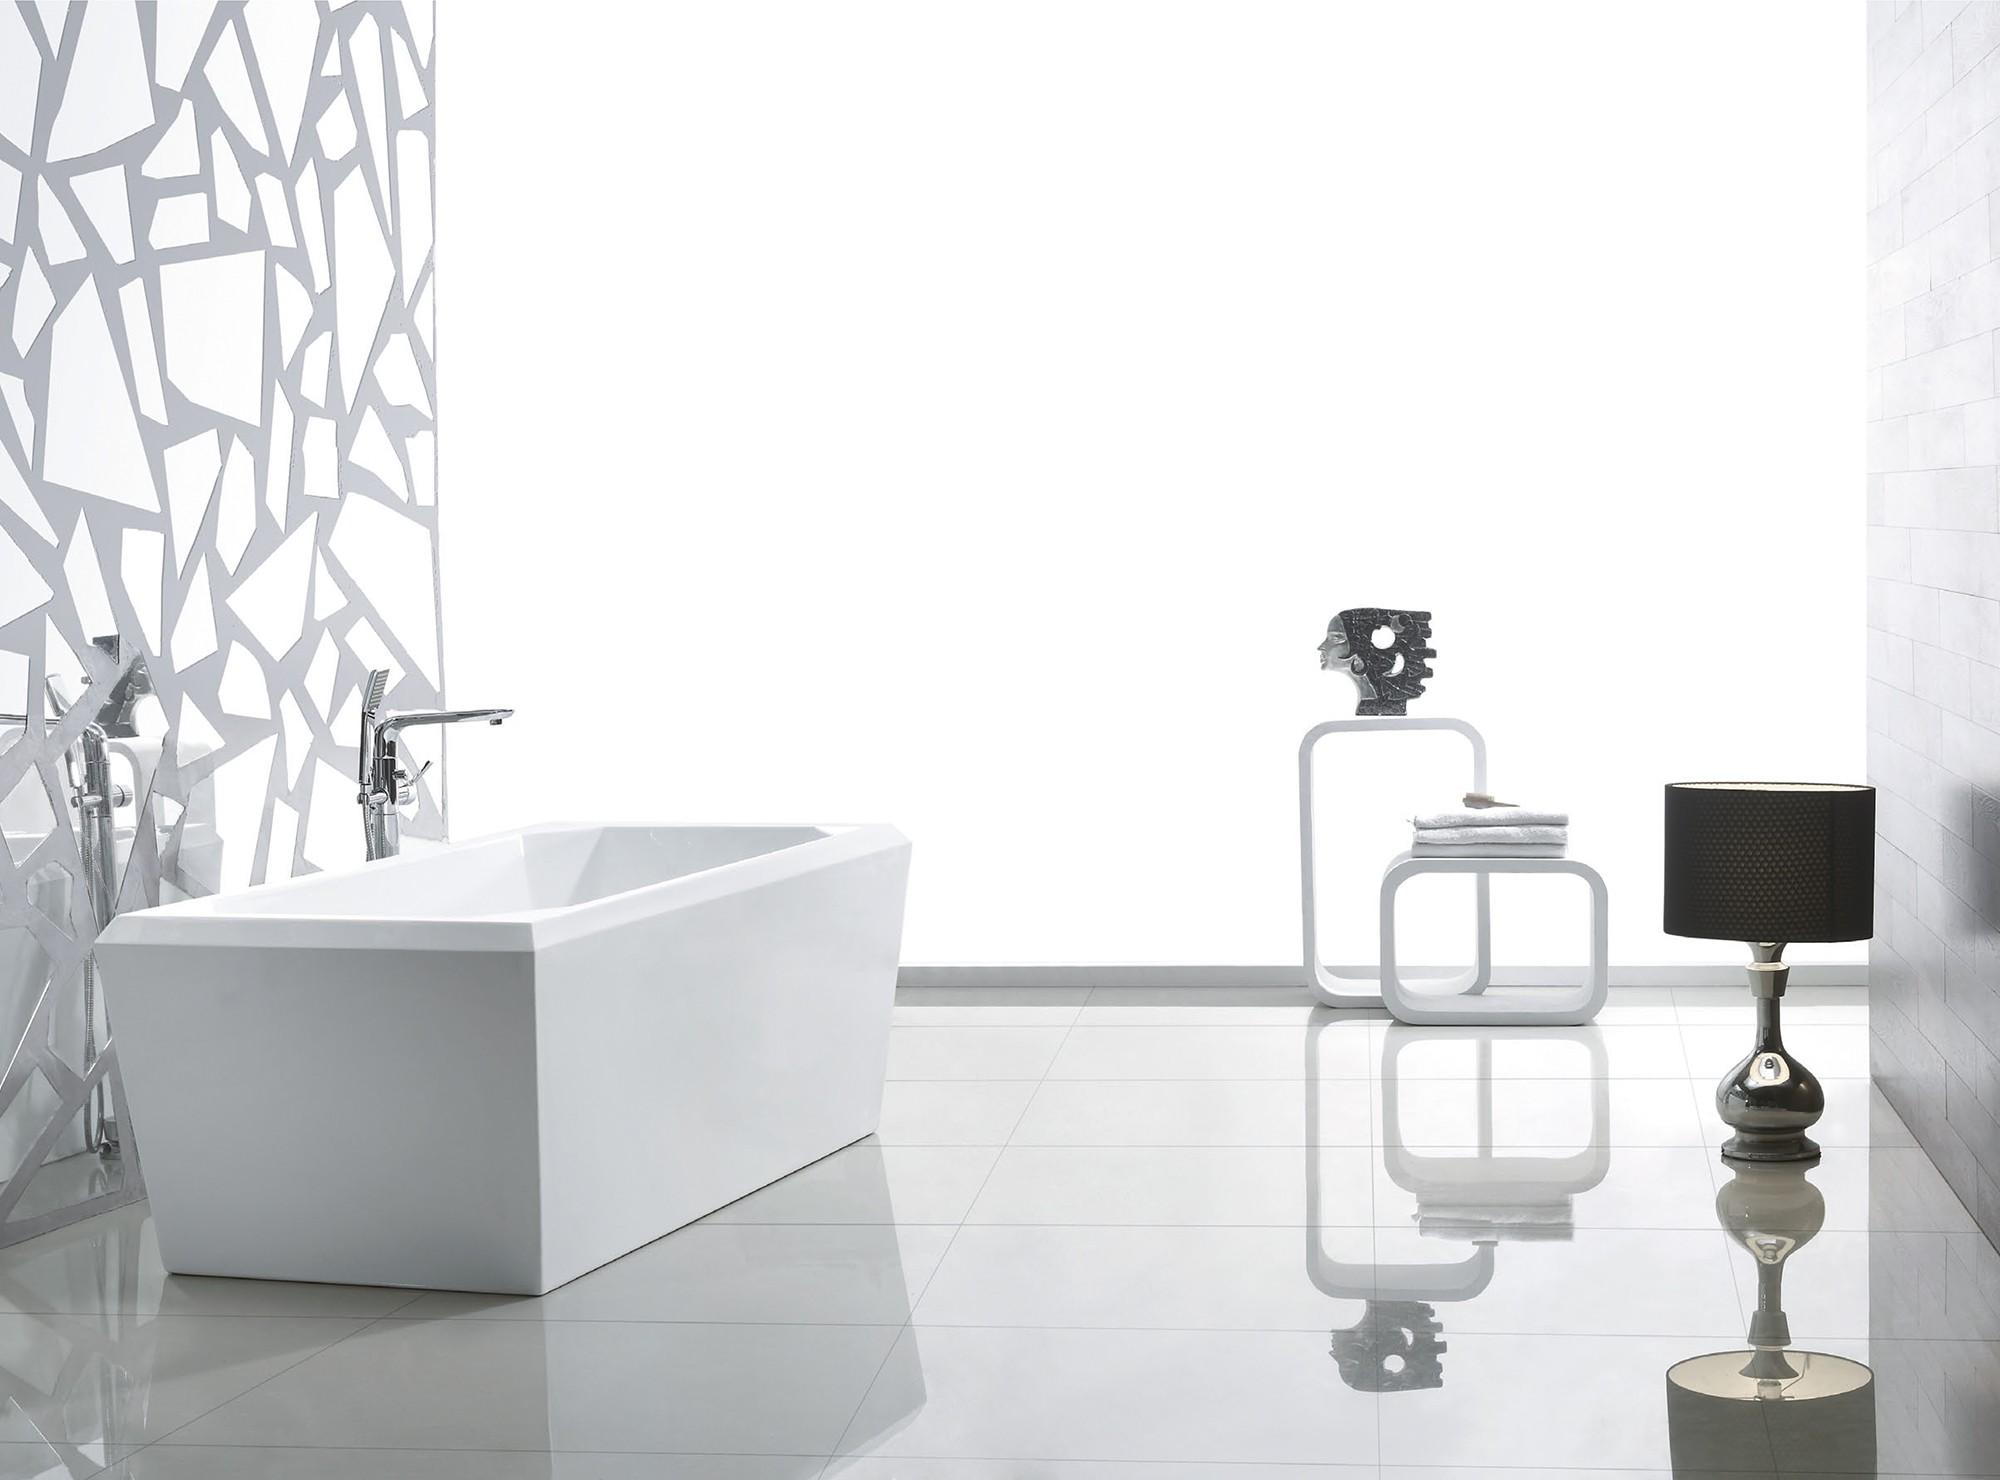 exclusive freistehende badewanne mit ab und berlauf neu ovp art nr 28012 ebay. Black Bedroom Furniture Sets. Home Design Ideas